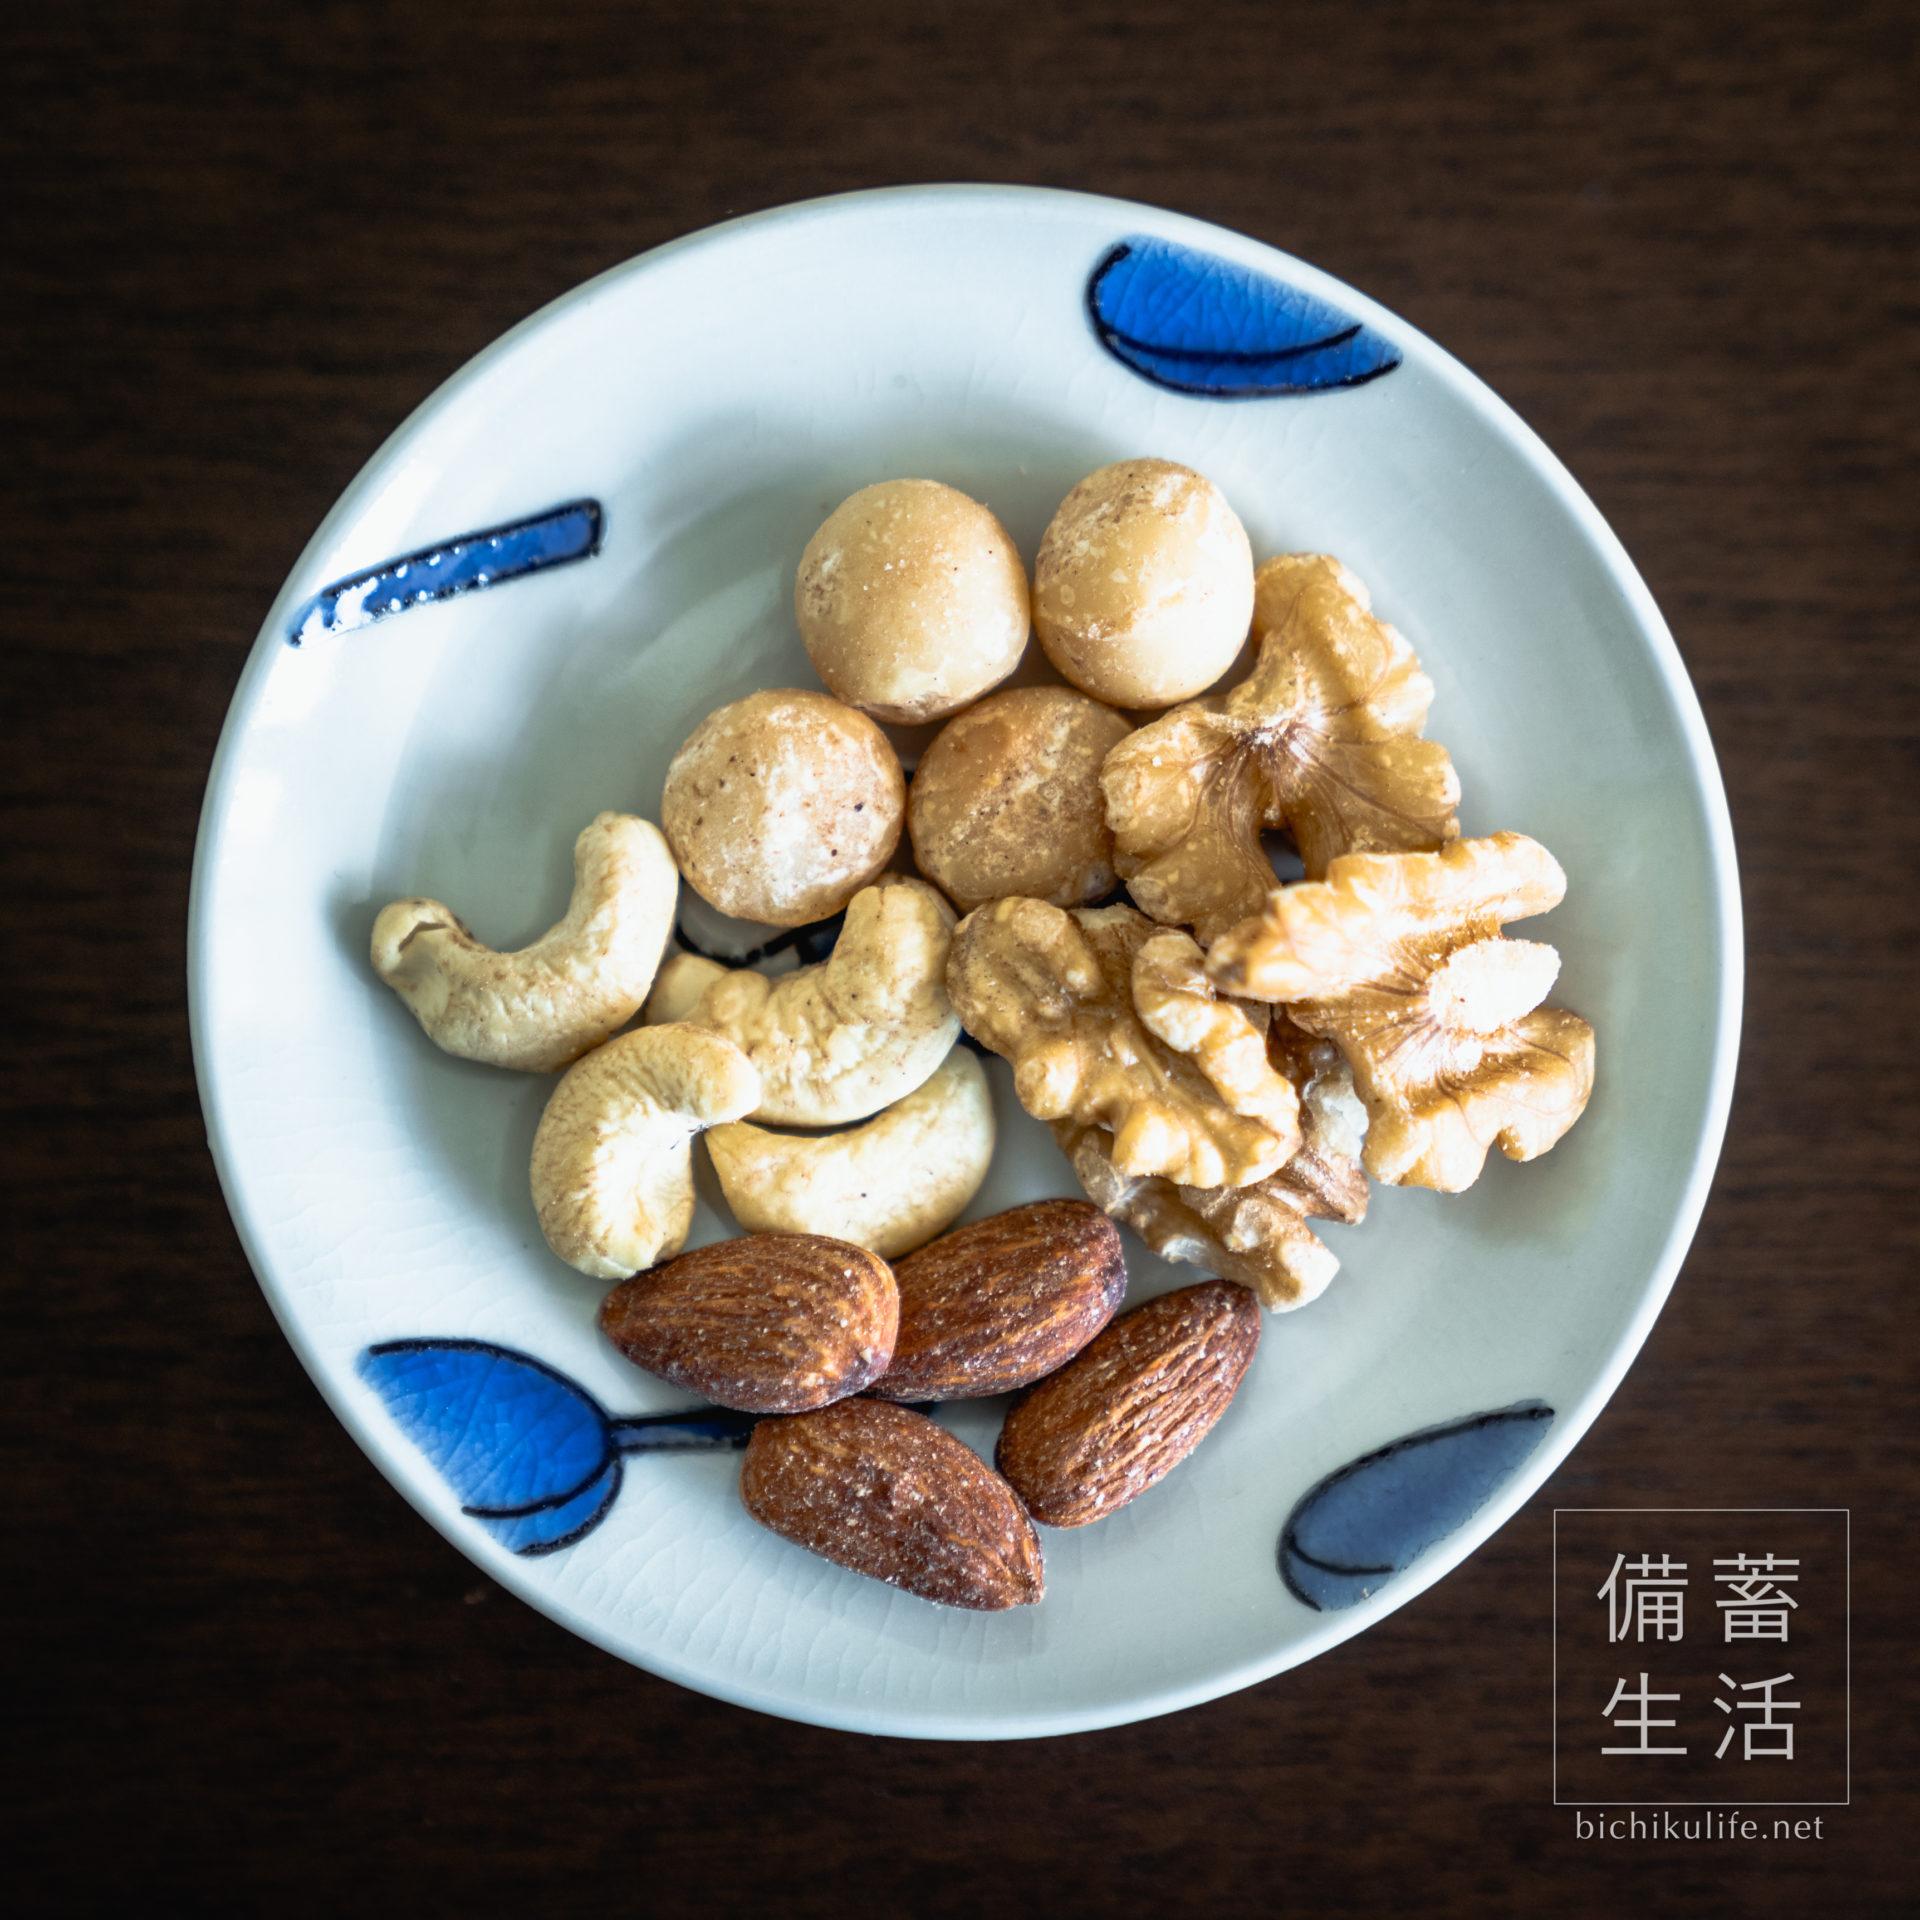 無塩ミックスナッツ(フルーティヤフーズ)